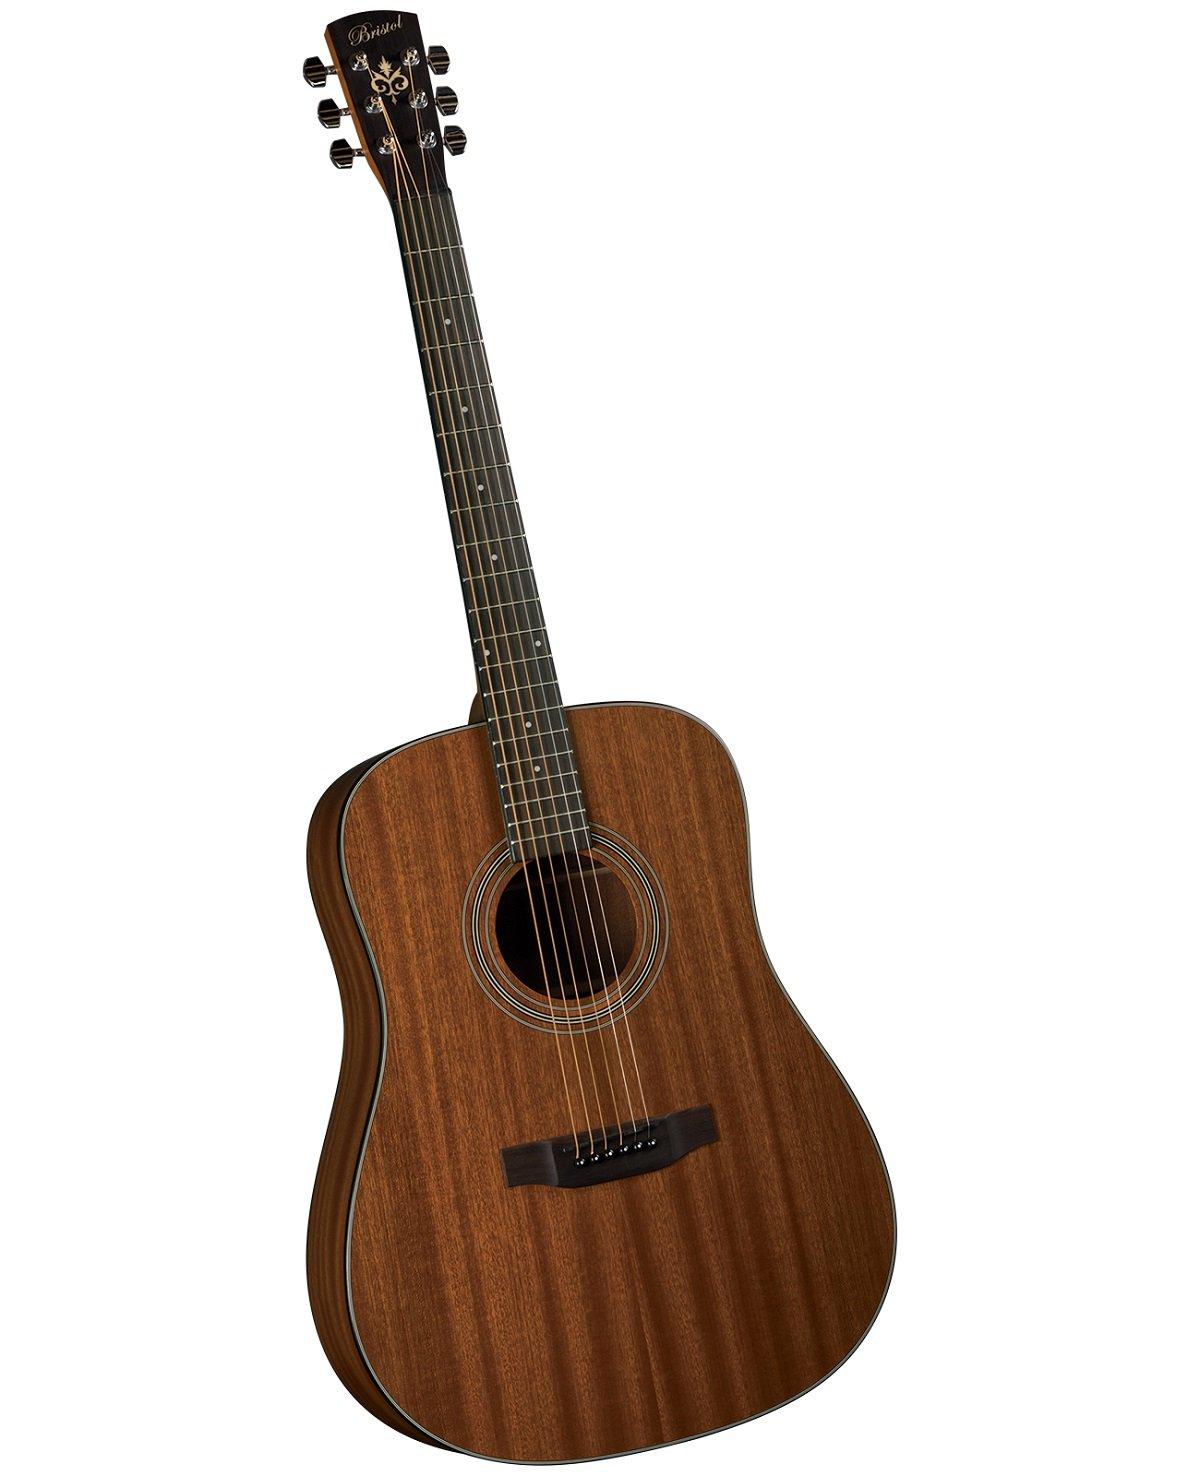 Bristol BD-15 Dreadnought Acoustic Guitar